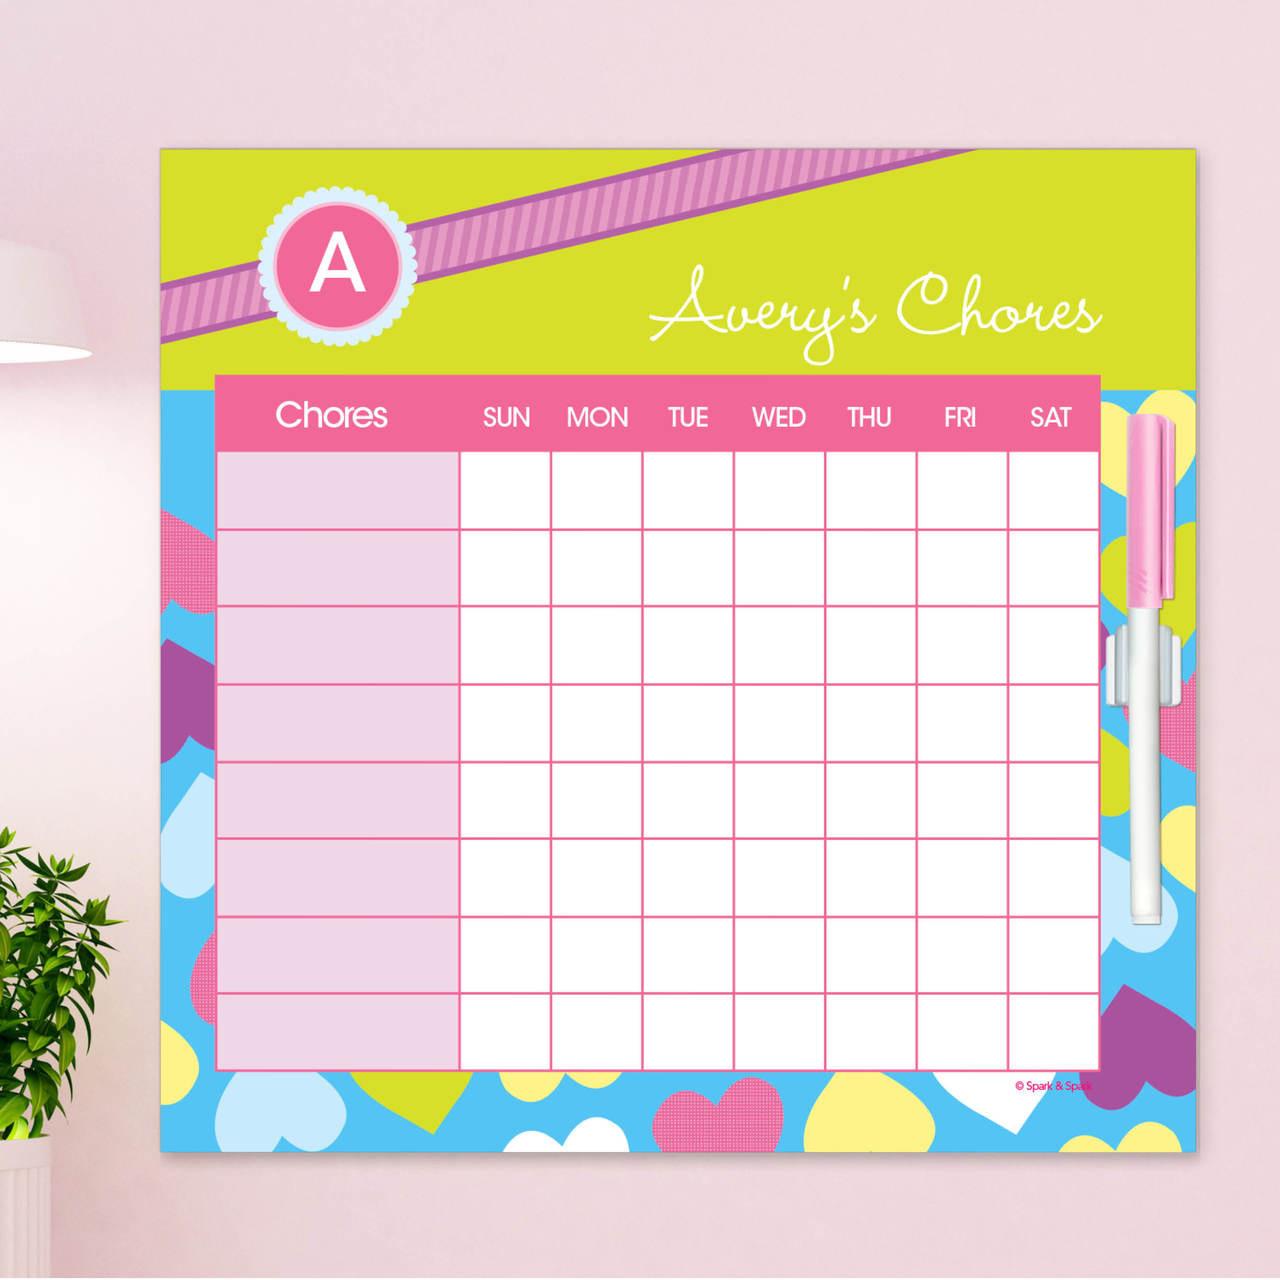 Happy Hearts Chore Calendar By Spark Spark